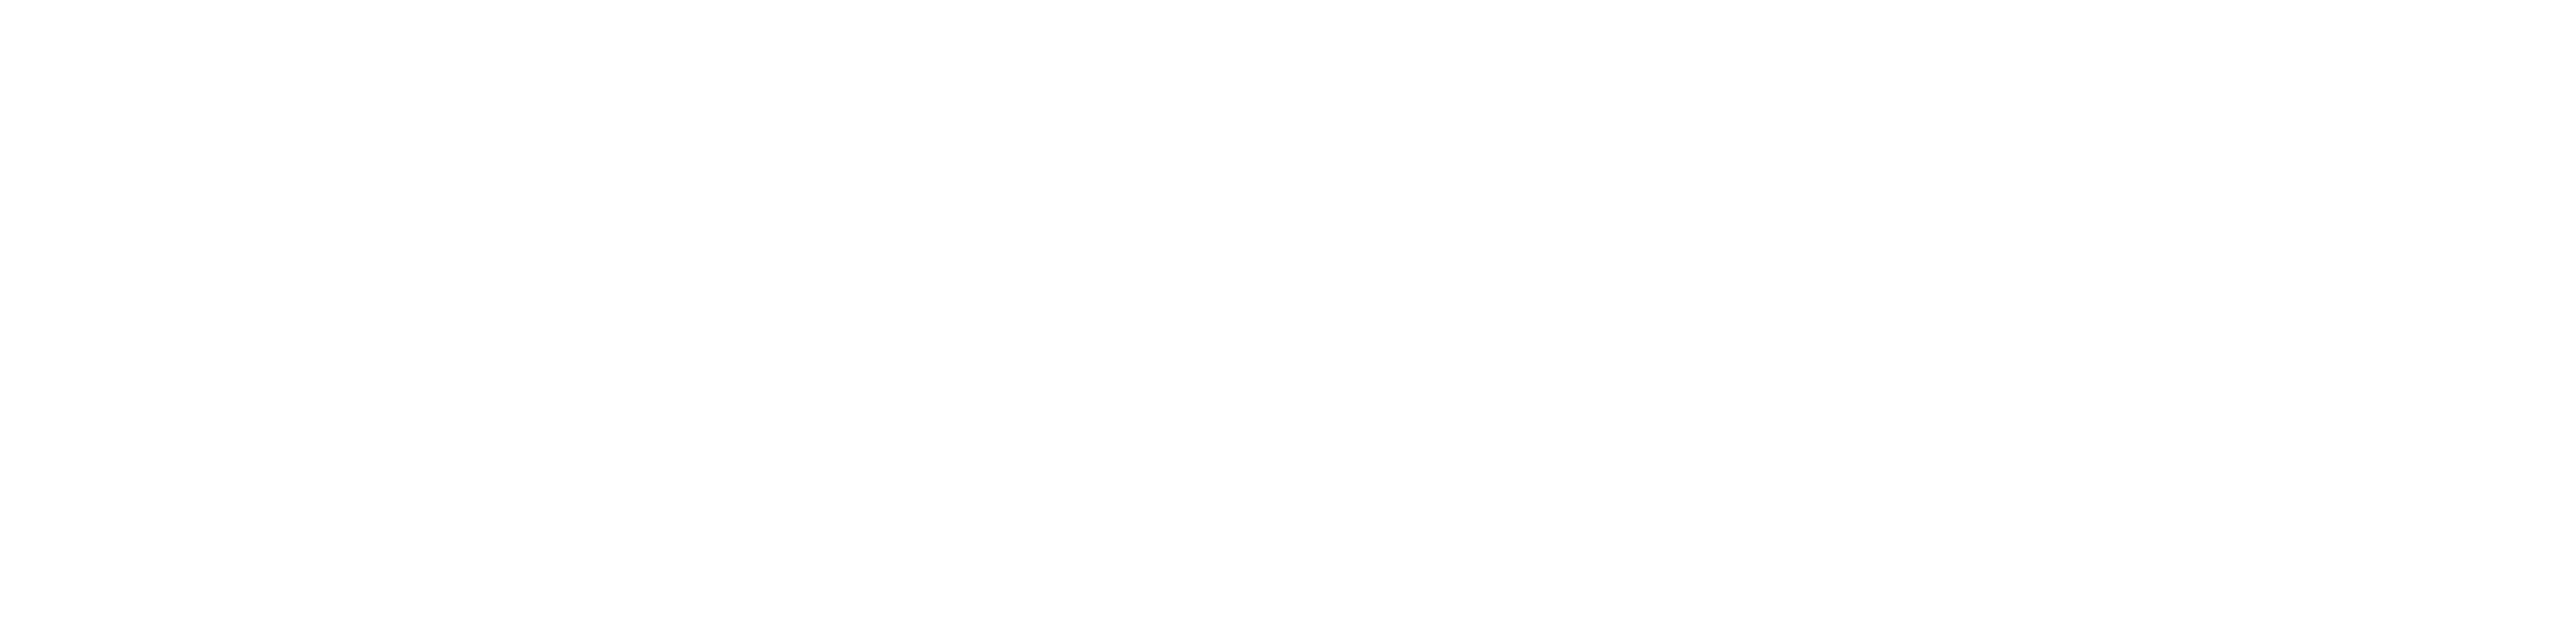 Netchex Primary Logo w